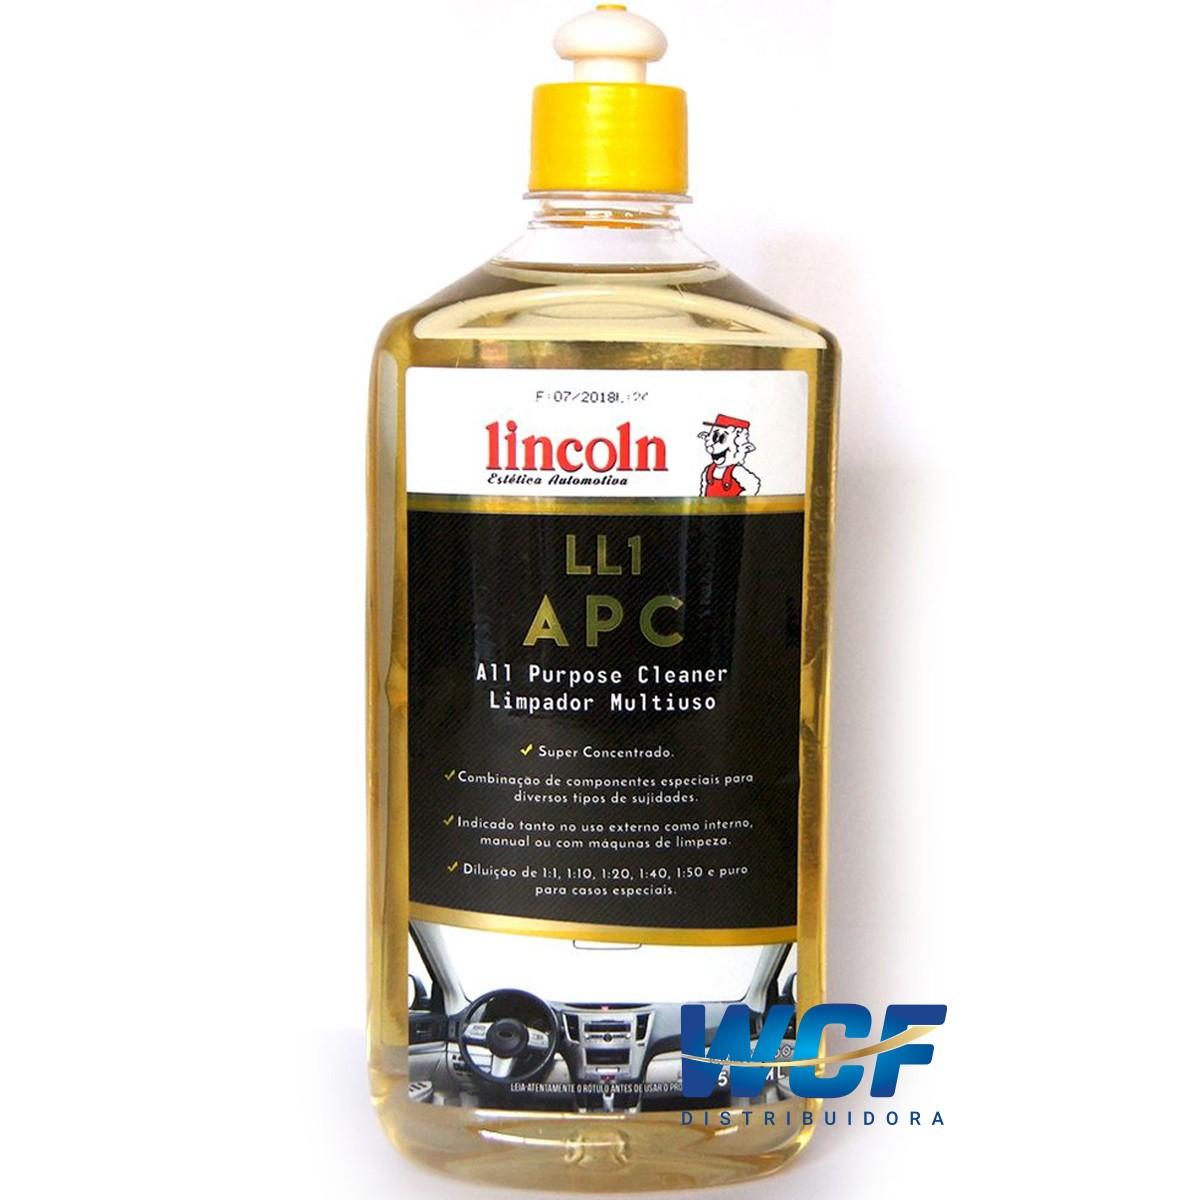 LINCOLN APC LIMPADOR MULTIUSO LL1 500ML